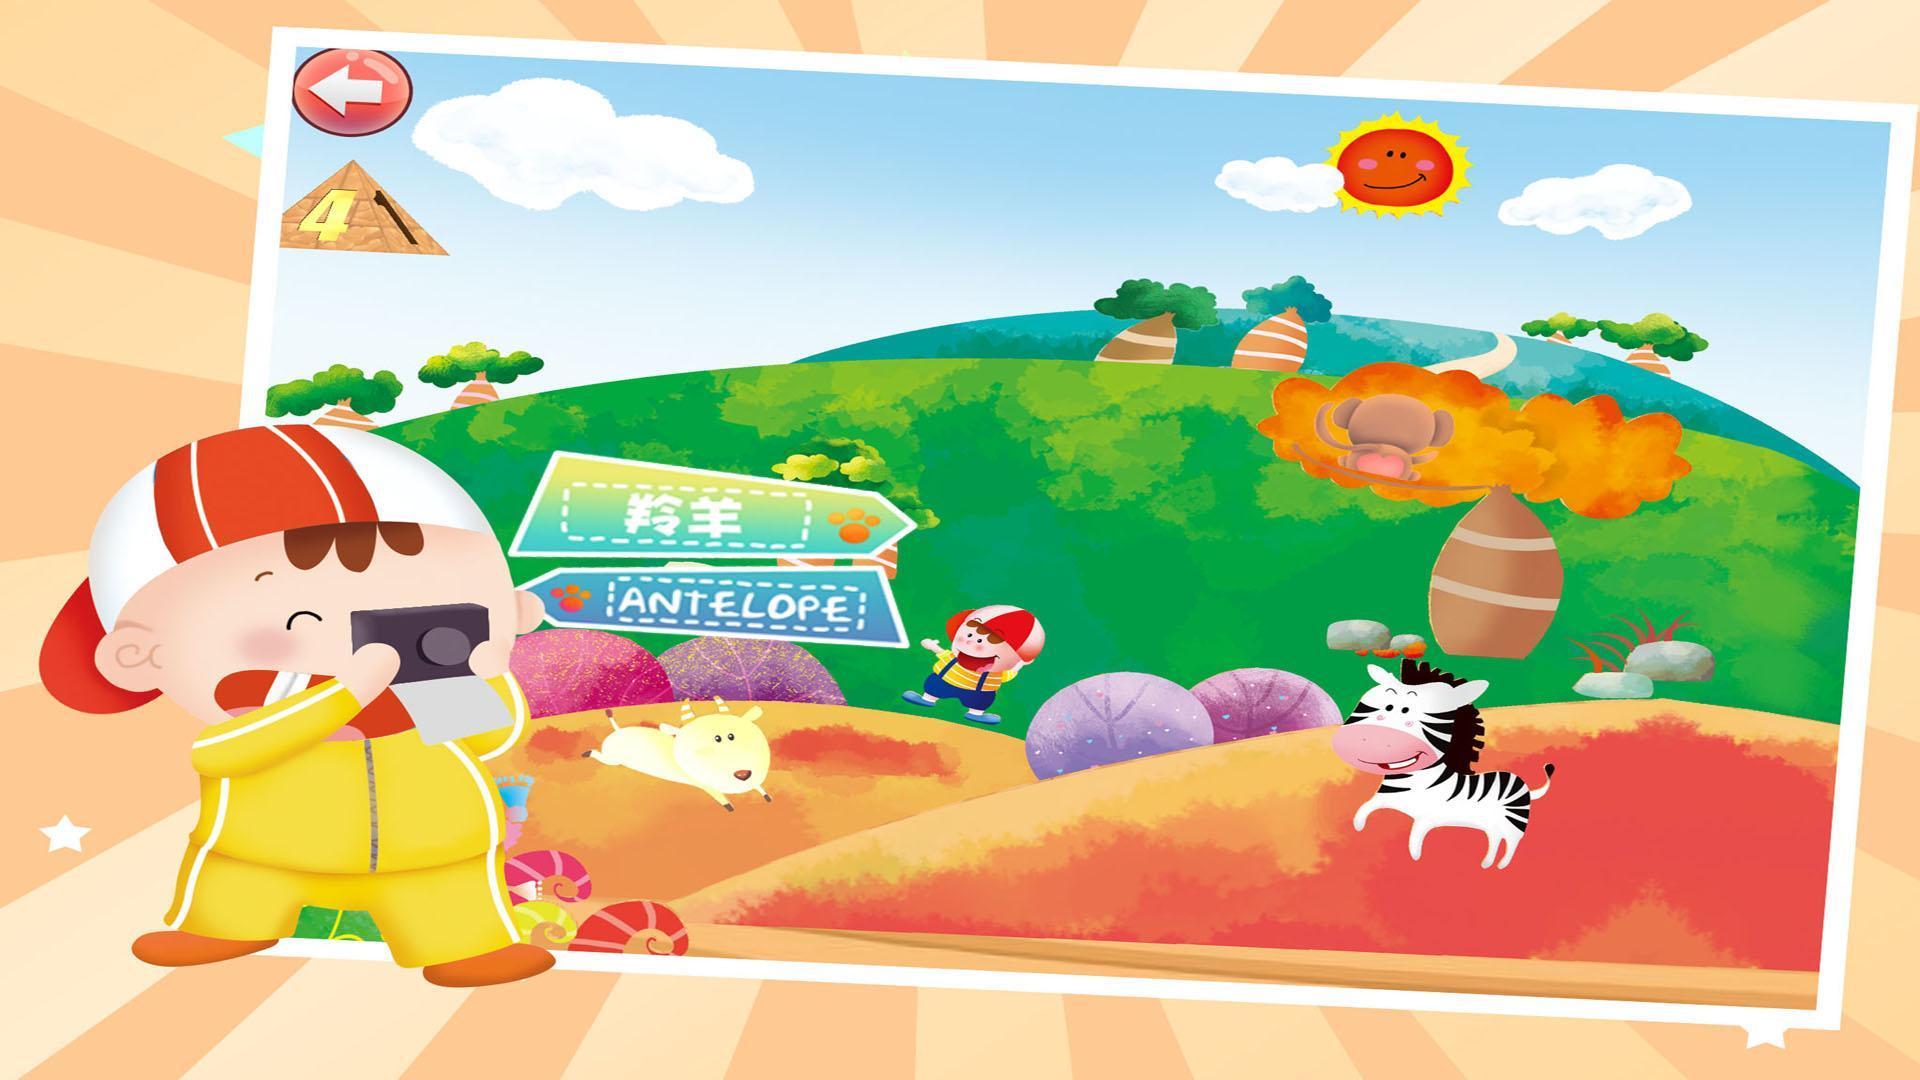 孩子对动物的认识;   有趣的动画场景为孩子天马行空的想法提供场所